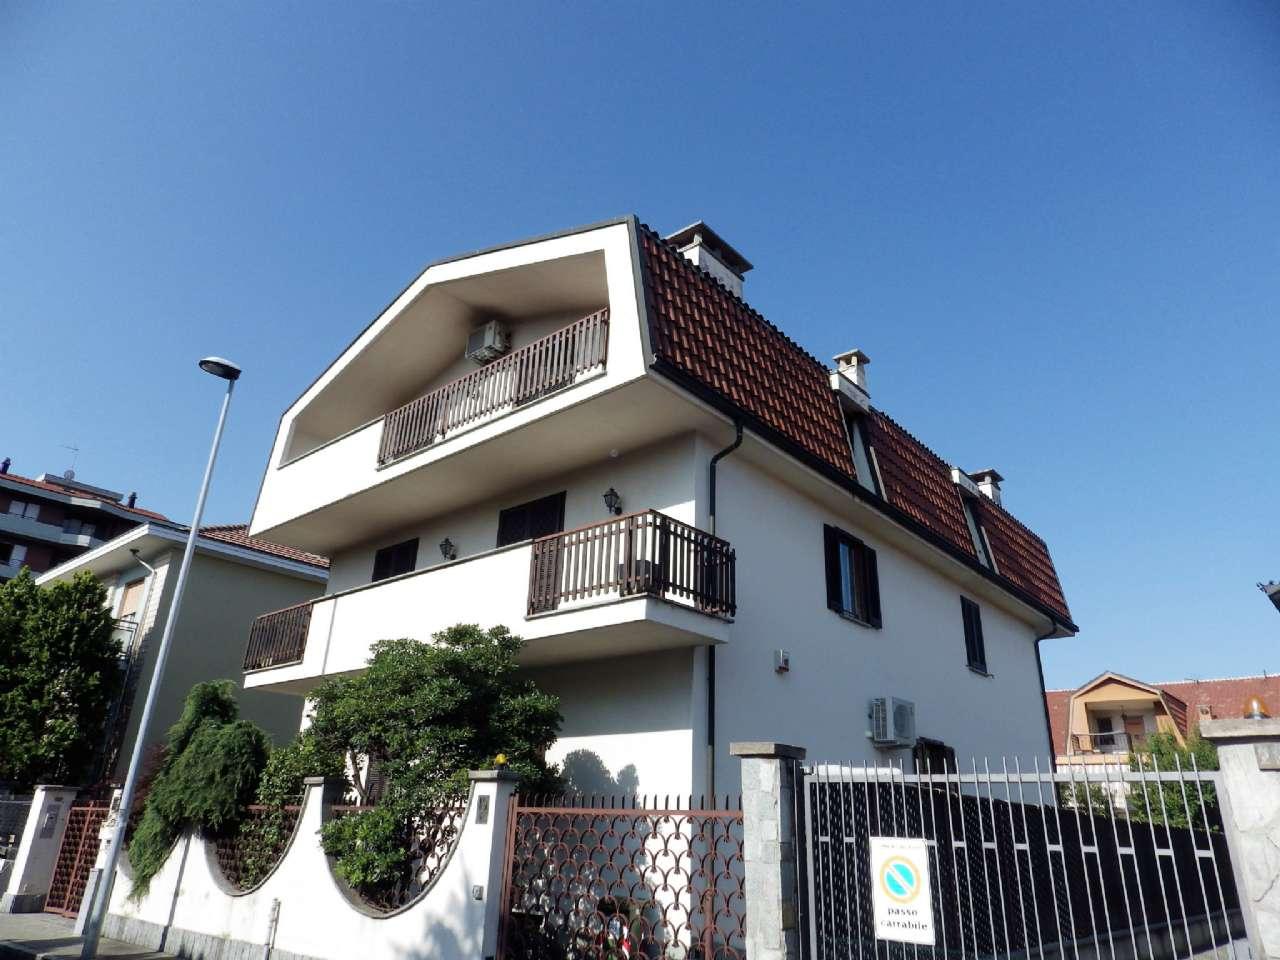 Villa Trifamiliare in Vendita a Collegno